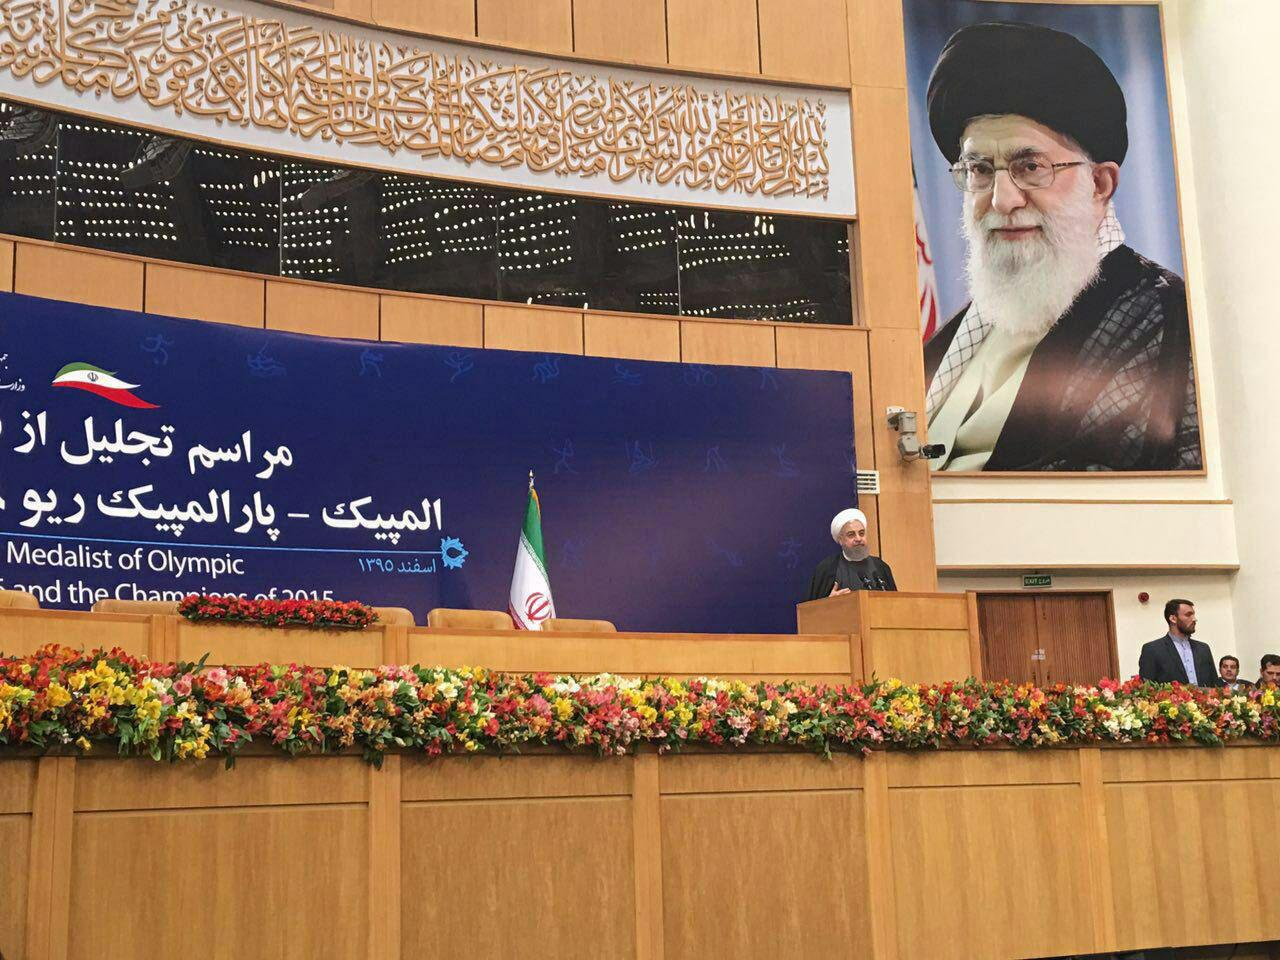 روحانی: چرا برخیها نصفه خالی لیوان آب را میبینند/ ایجاد ناامیدی ضربه به حرکت ملی است